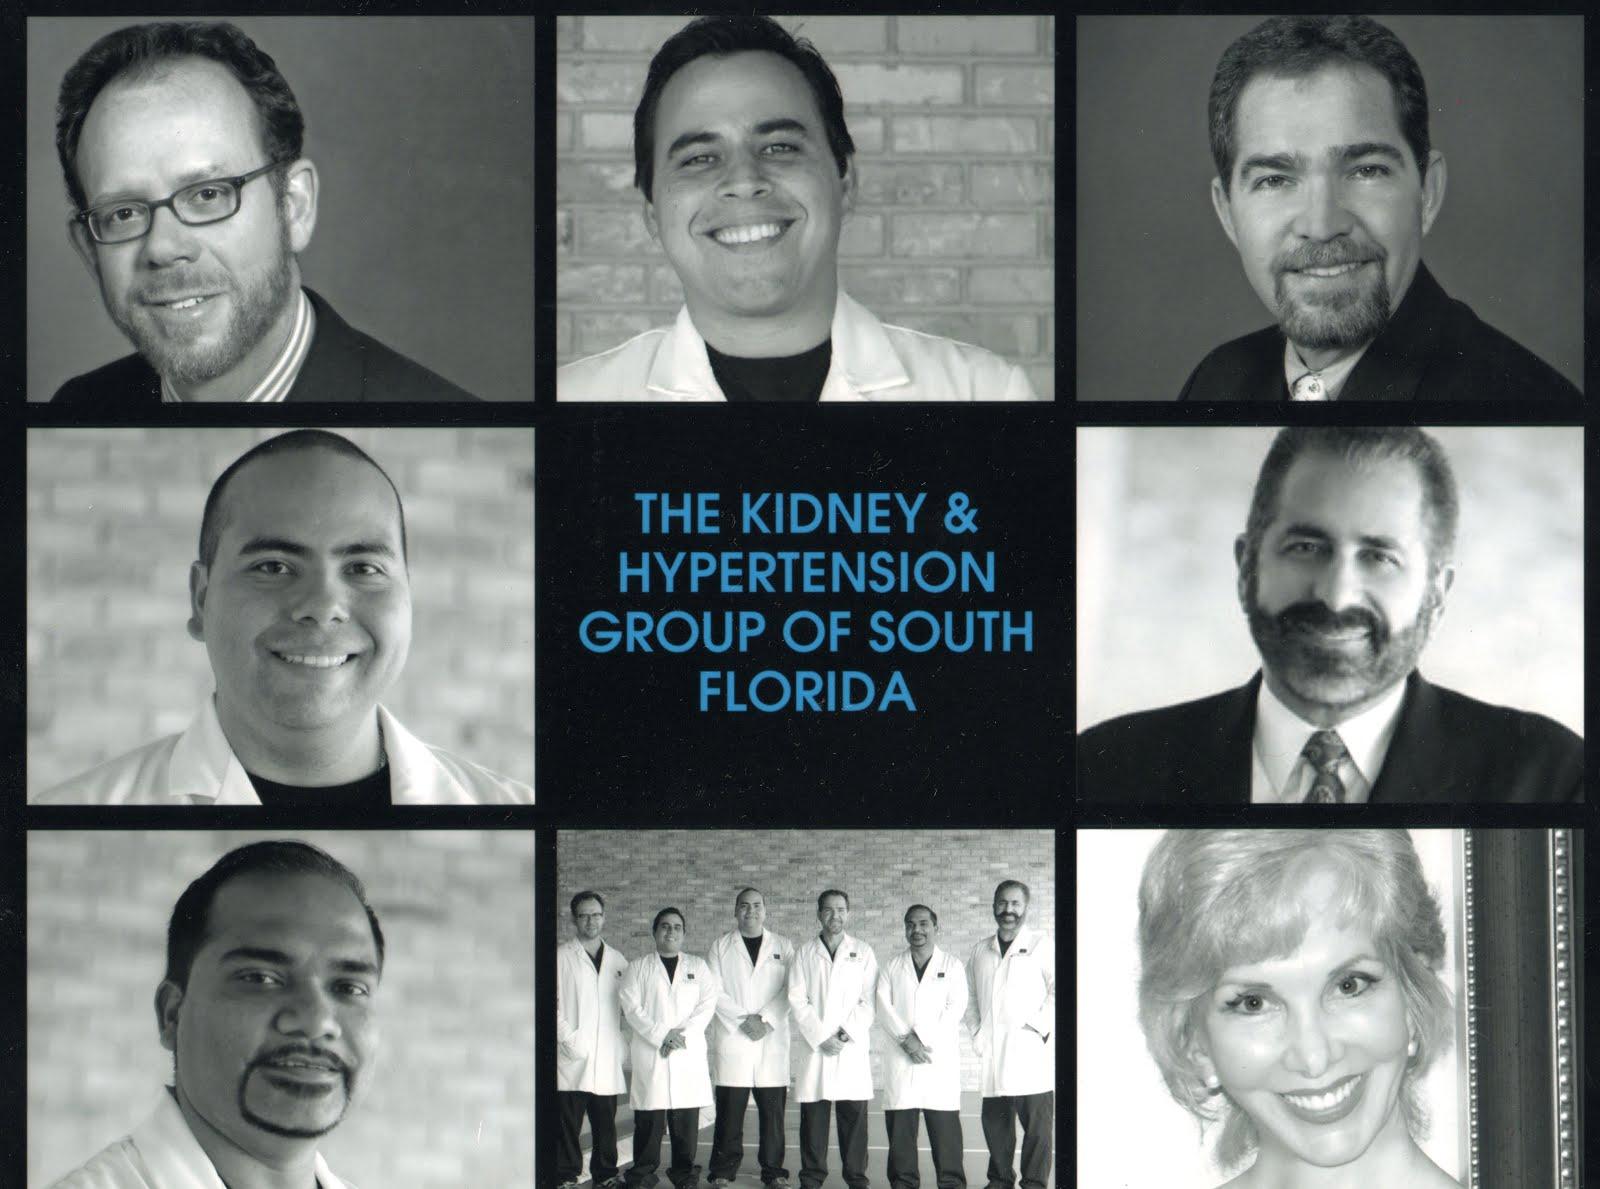 The Kidney & Hypertension Group